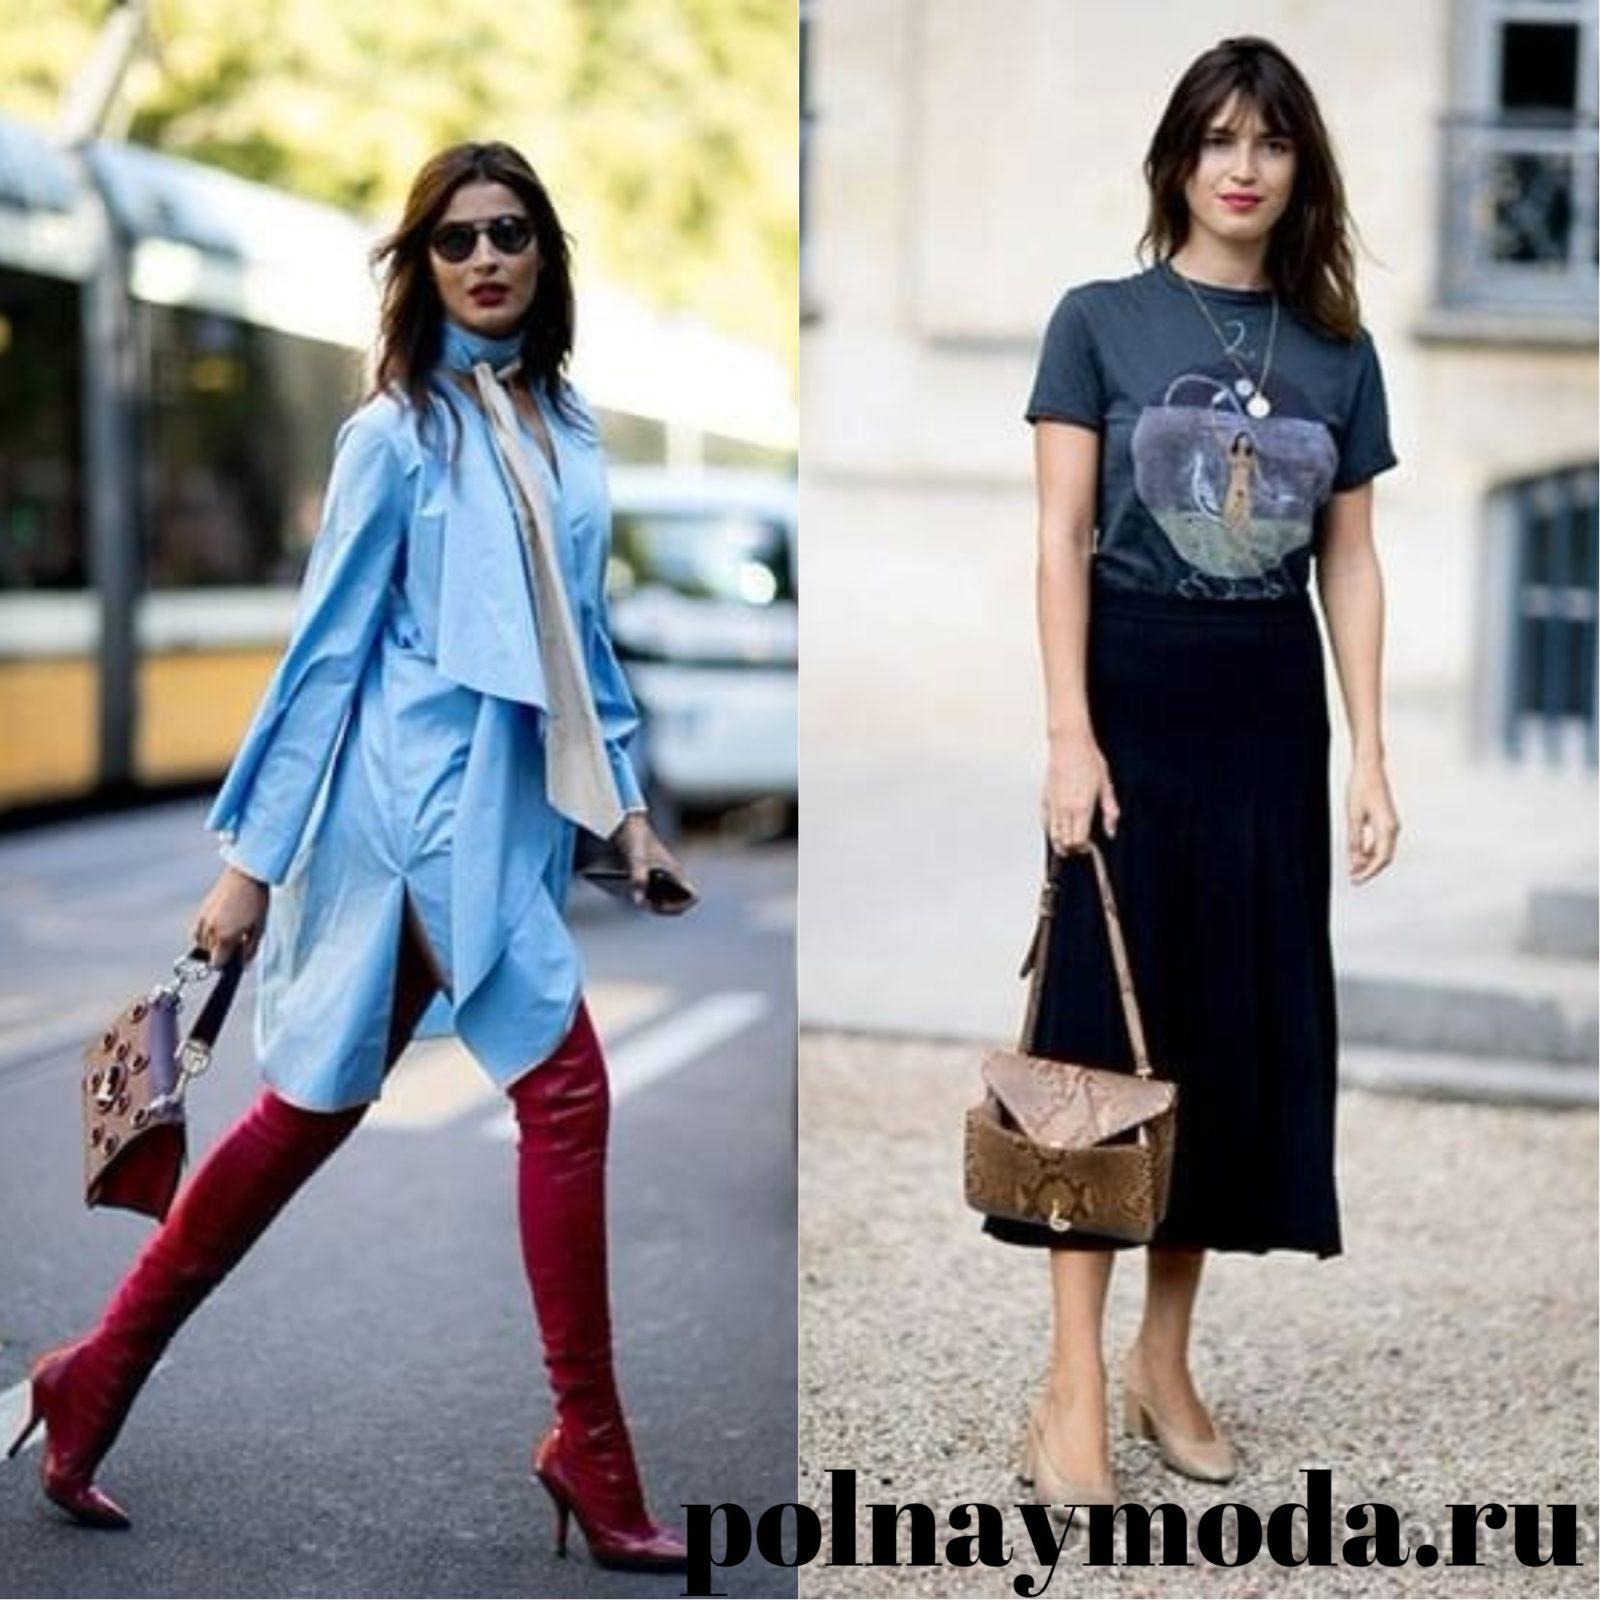 Уличная мод 2018 одежда с винтажными элементами мода весна лето